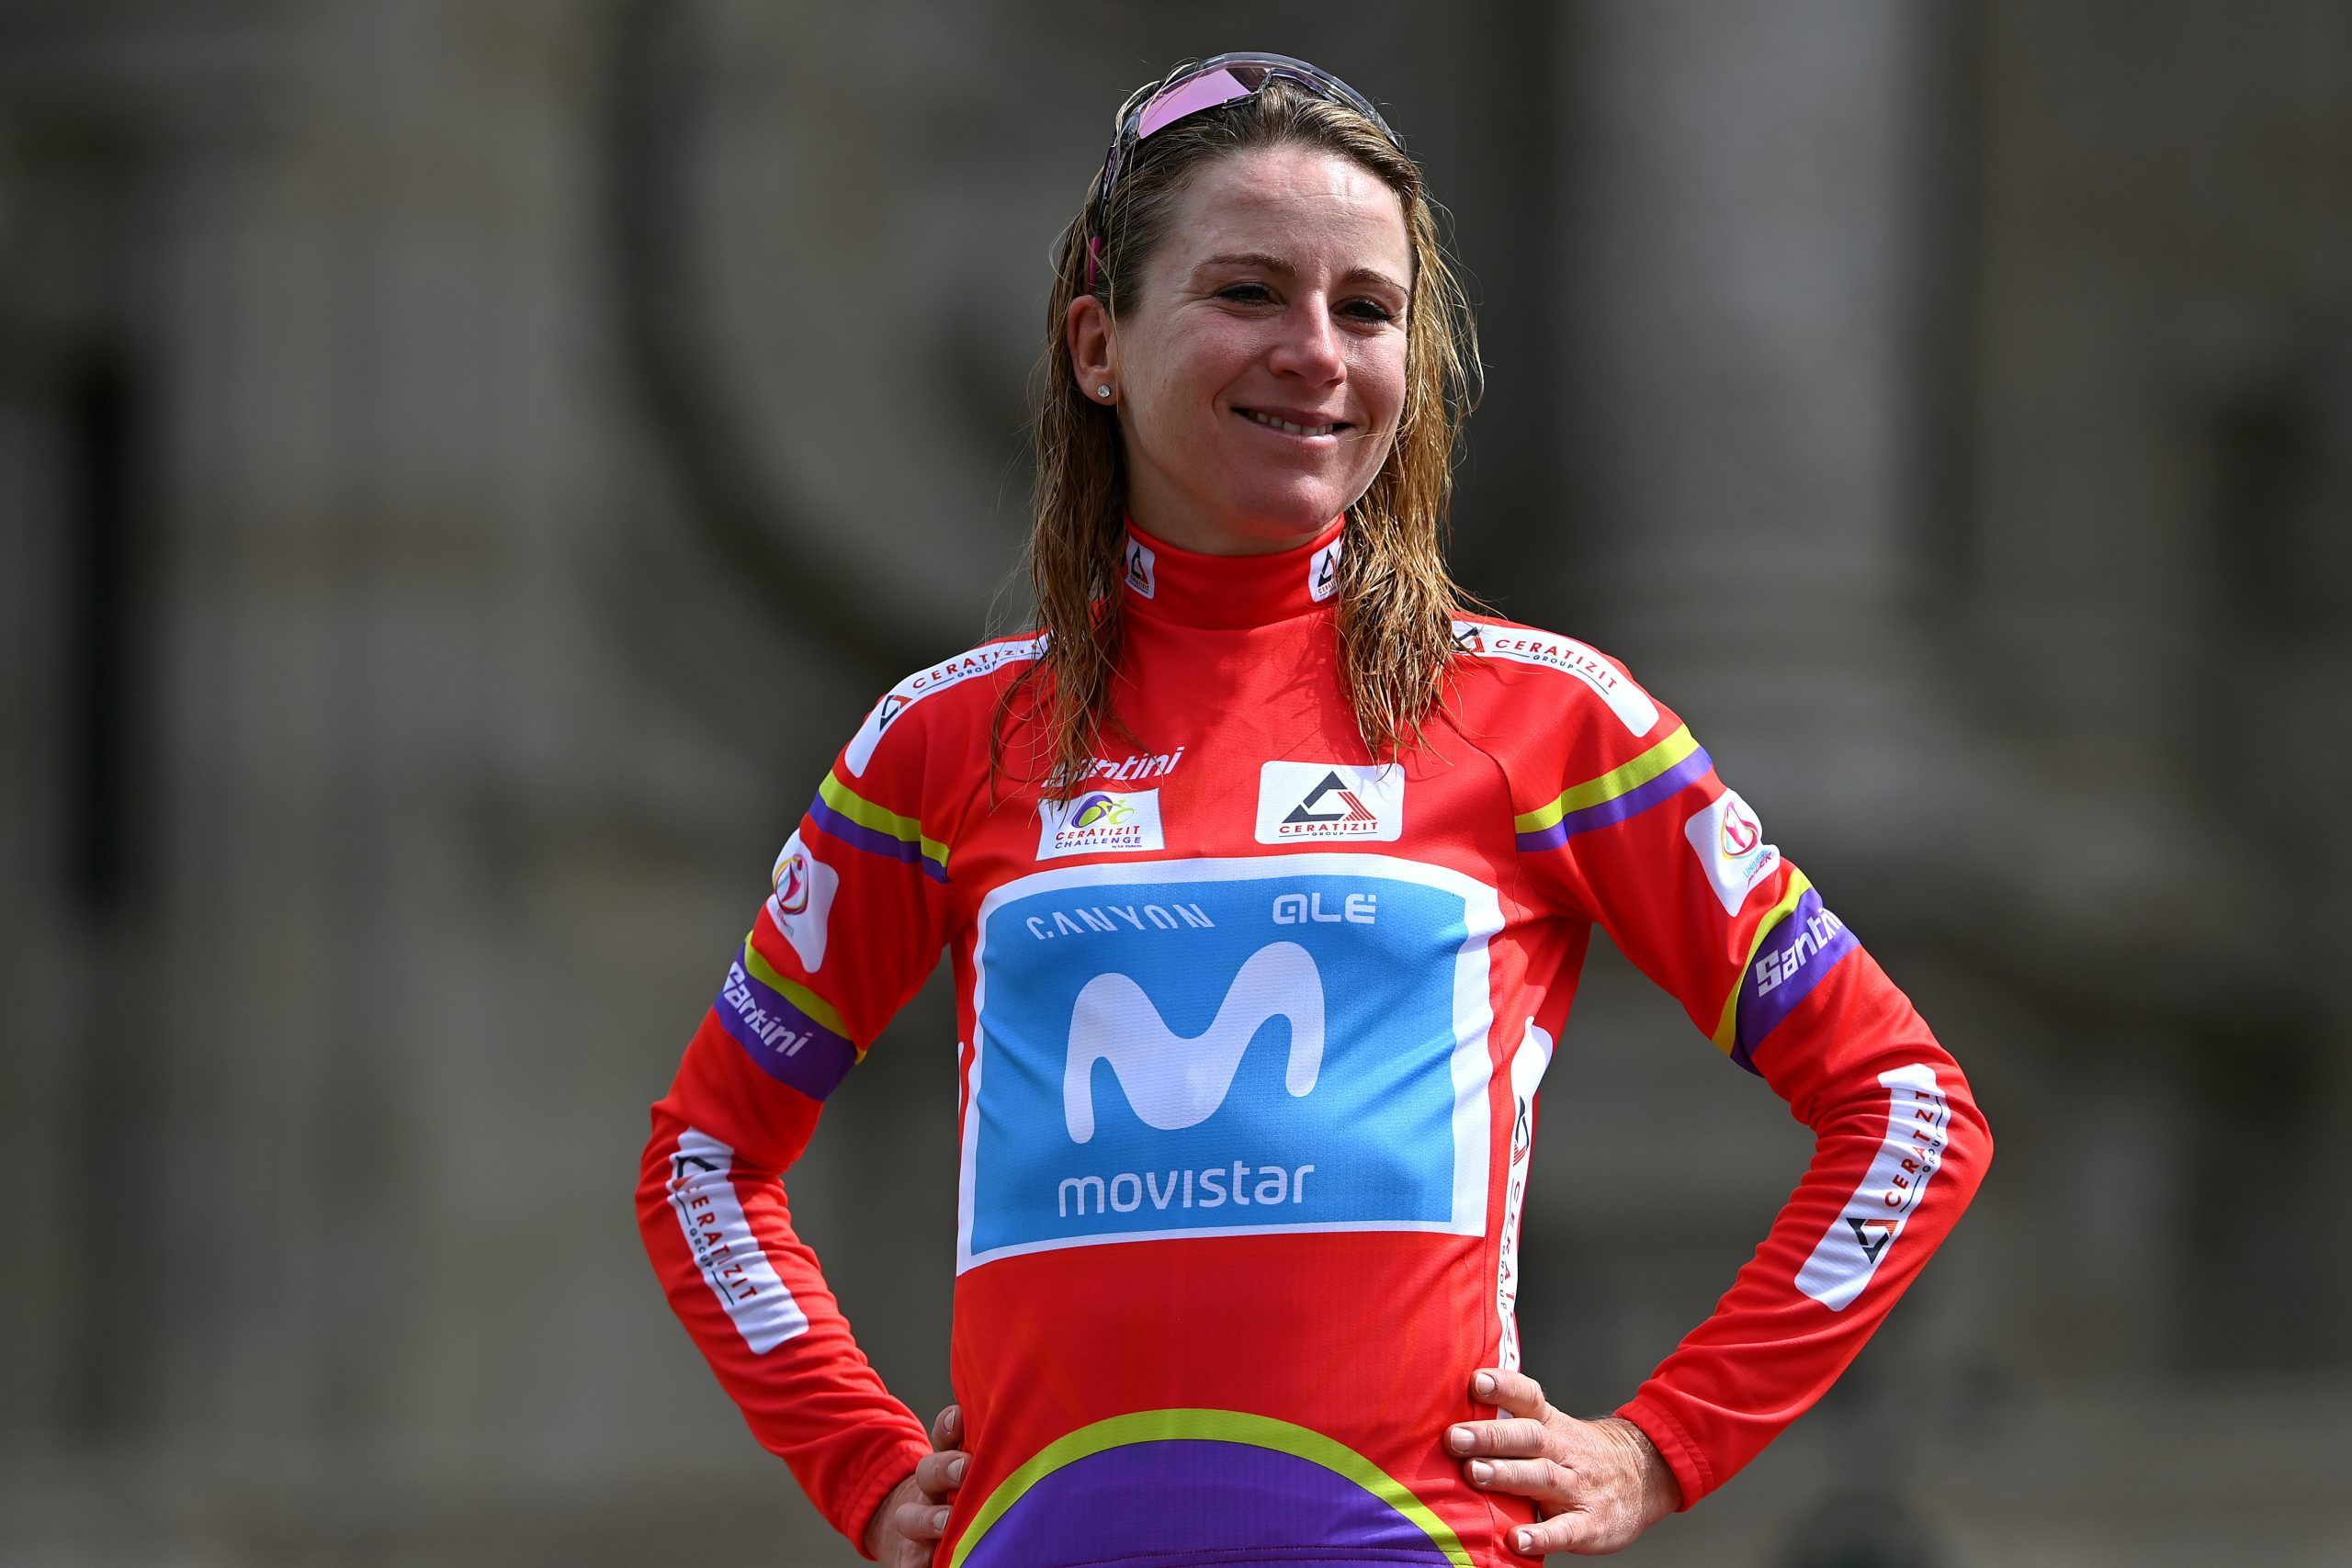 'Me siento feliz de que la organización se lo haya tomado en serio': Annemiek van Vleuten, satisfecha con el terreno variado que se ofrece en el Tour de France Femmes